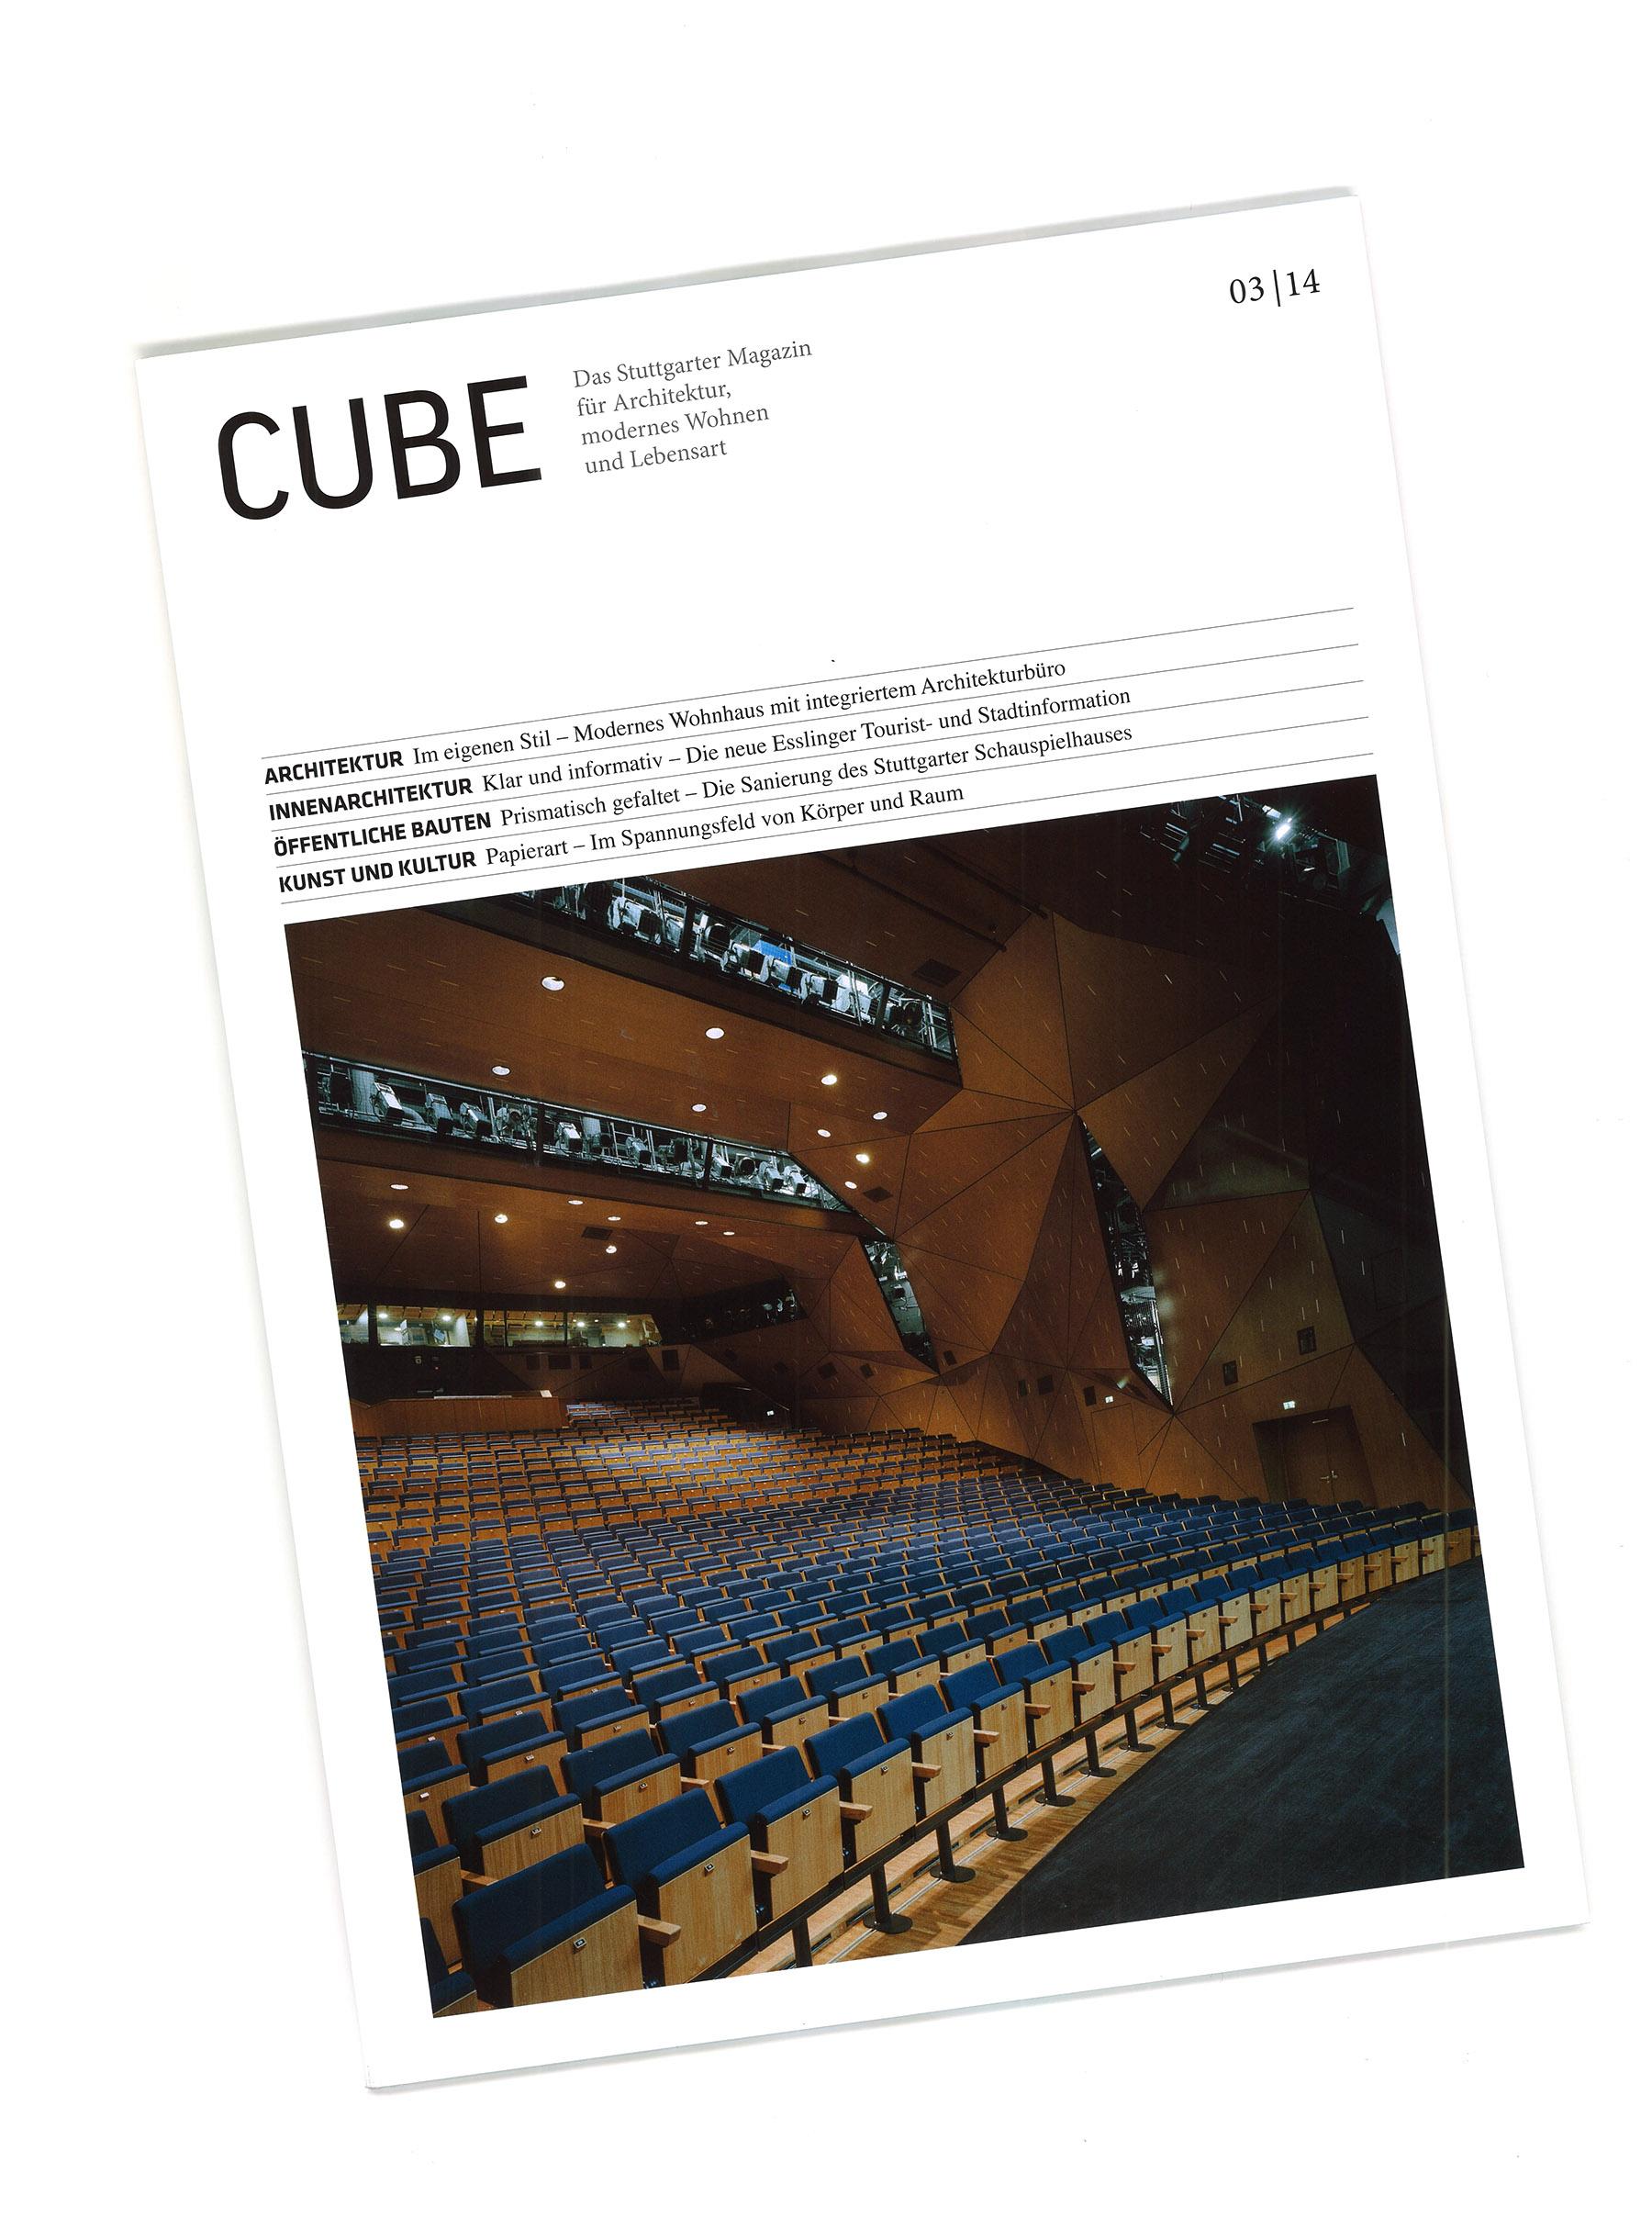 staatstheater stuttgart auf dem cover des cube magazins